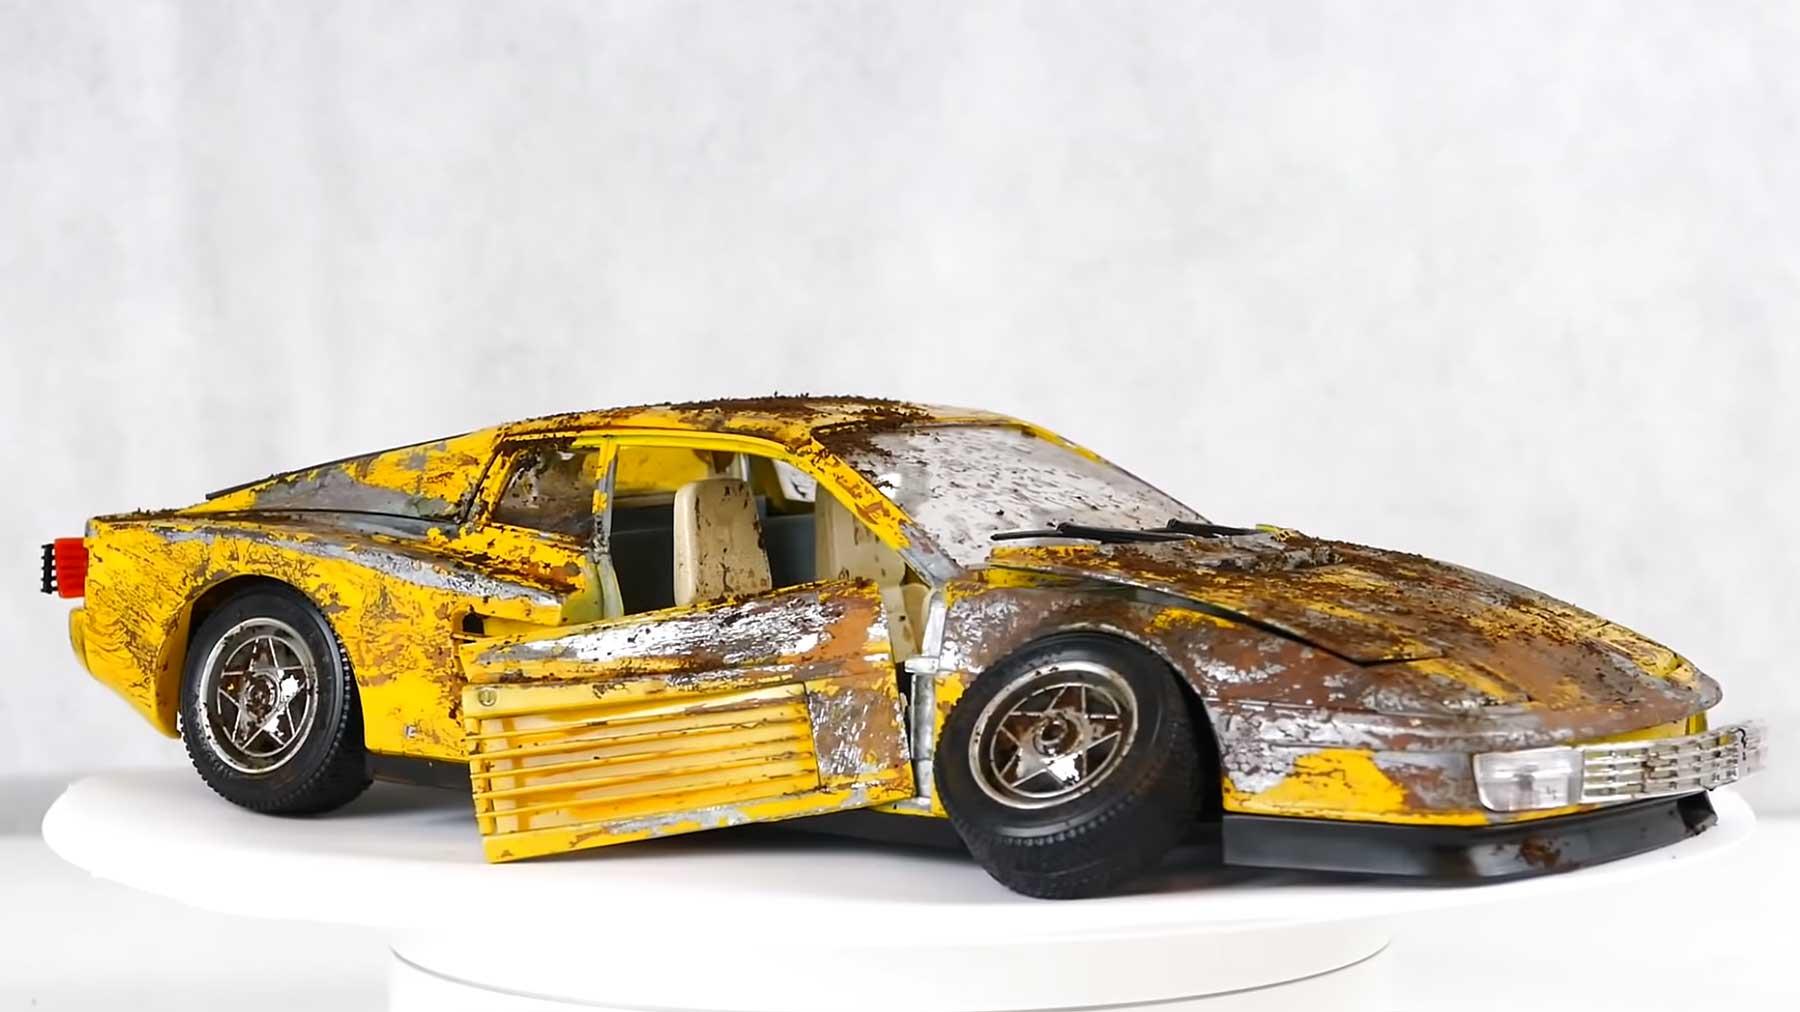 Restauration eines alten Ferrari-Modellautos